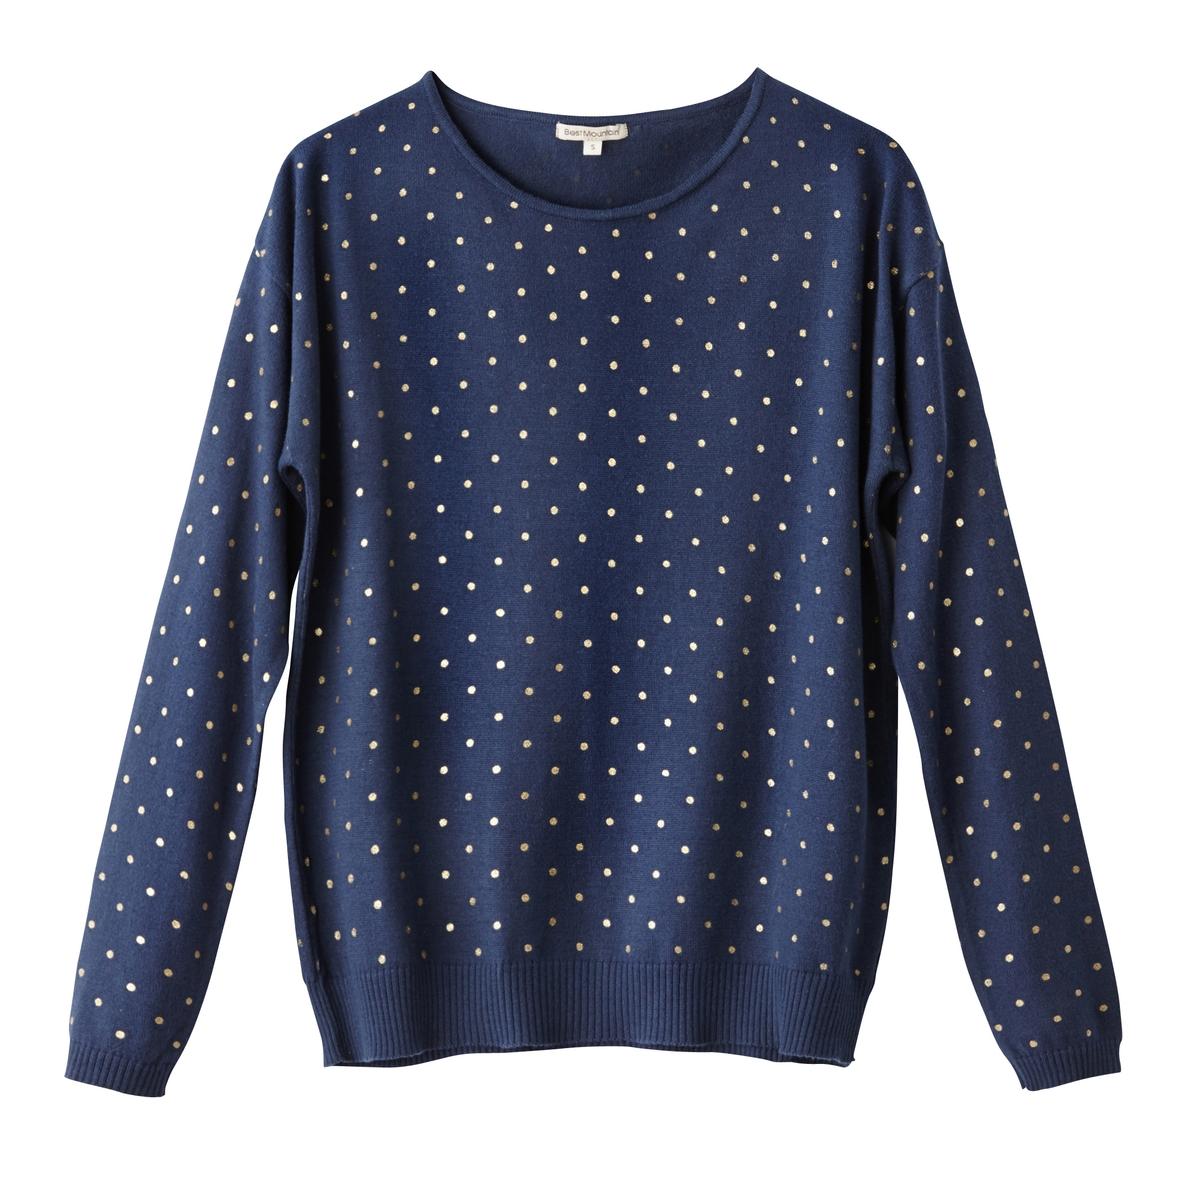 Пуловер в горошек, 100% хлопкаМатериал : 50% акрила, 50% хлопка        Длина рукава : длинные рукава        Форма воротника : Круглый вырез        Покрой пуловера : стандартная        Рисунок : однотонная модель         Особенность пуловера : волокна с металлическим блеском<br><br>Цвет: темно-синий<br>Размер: S